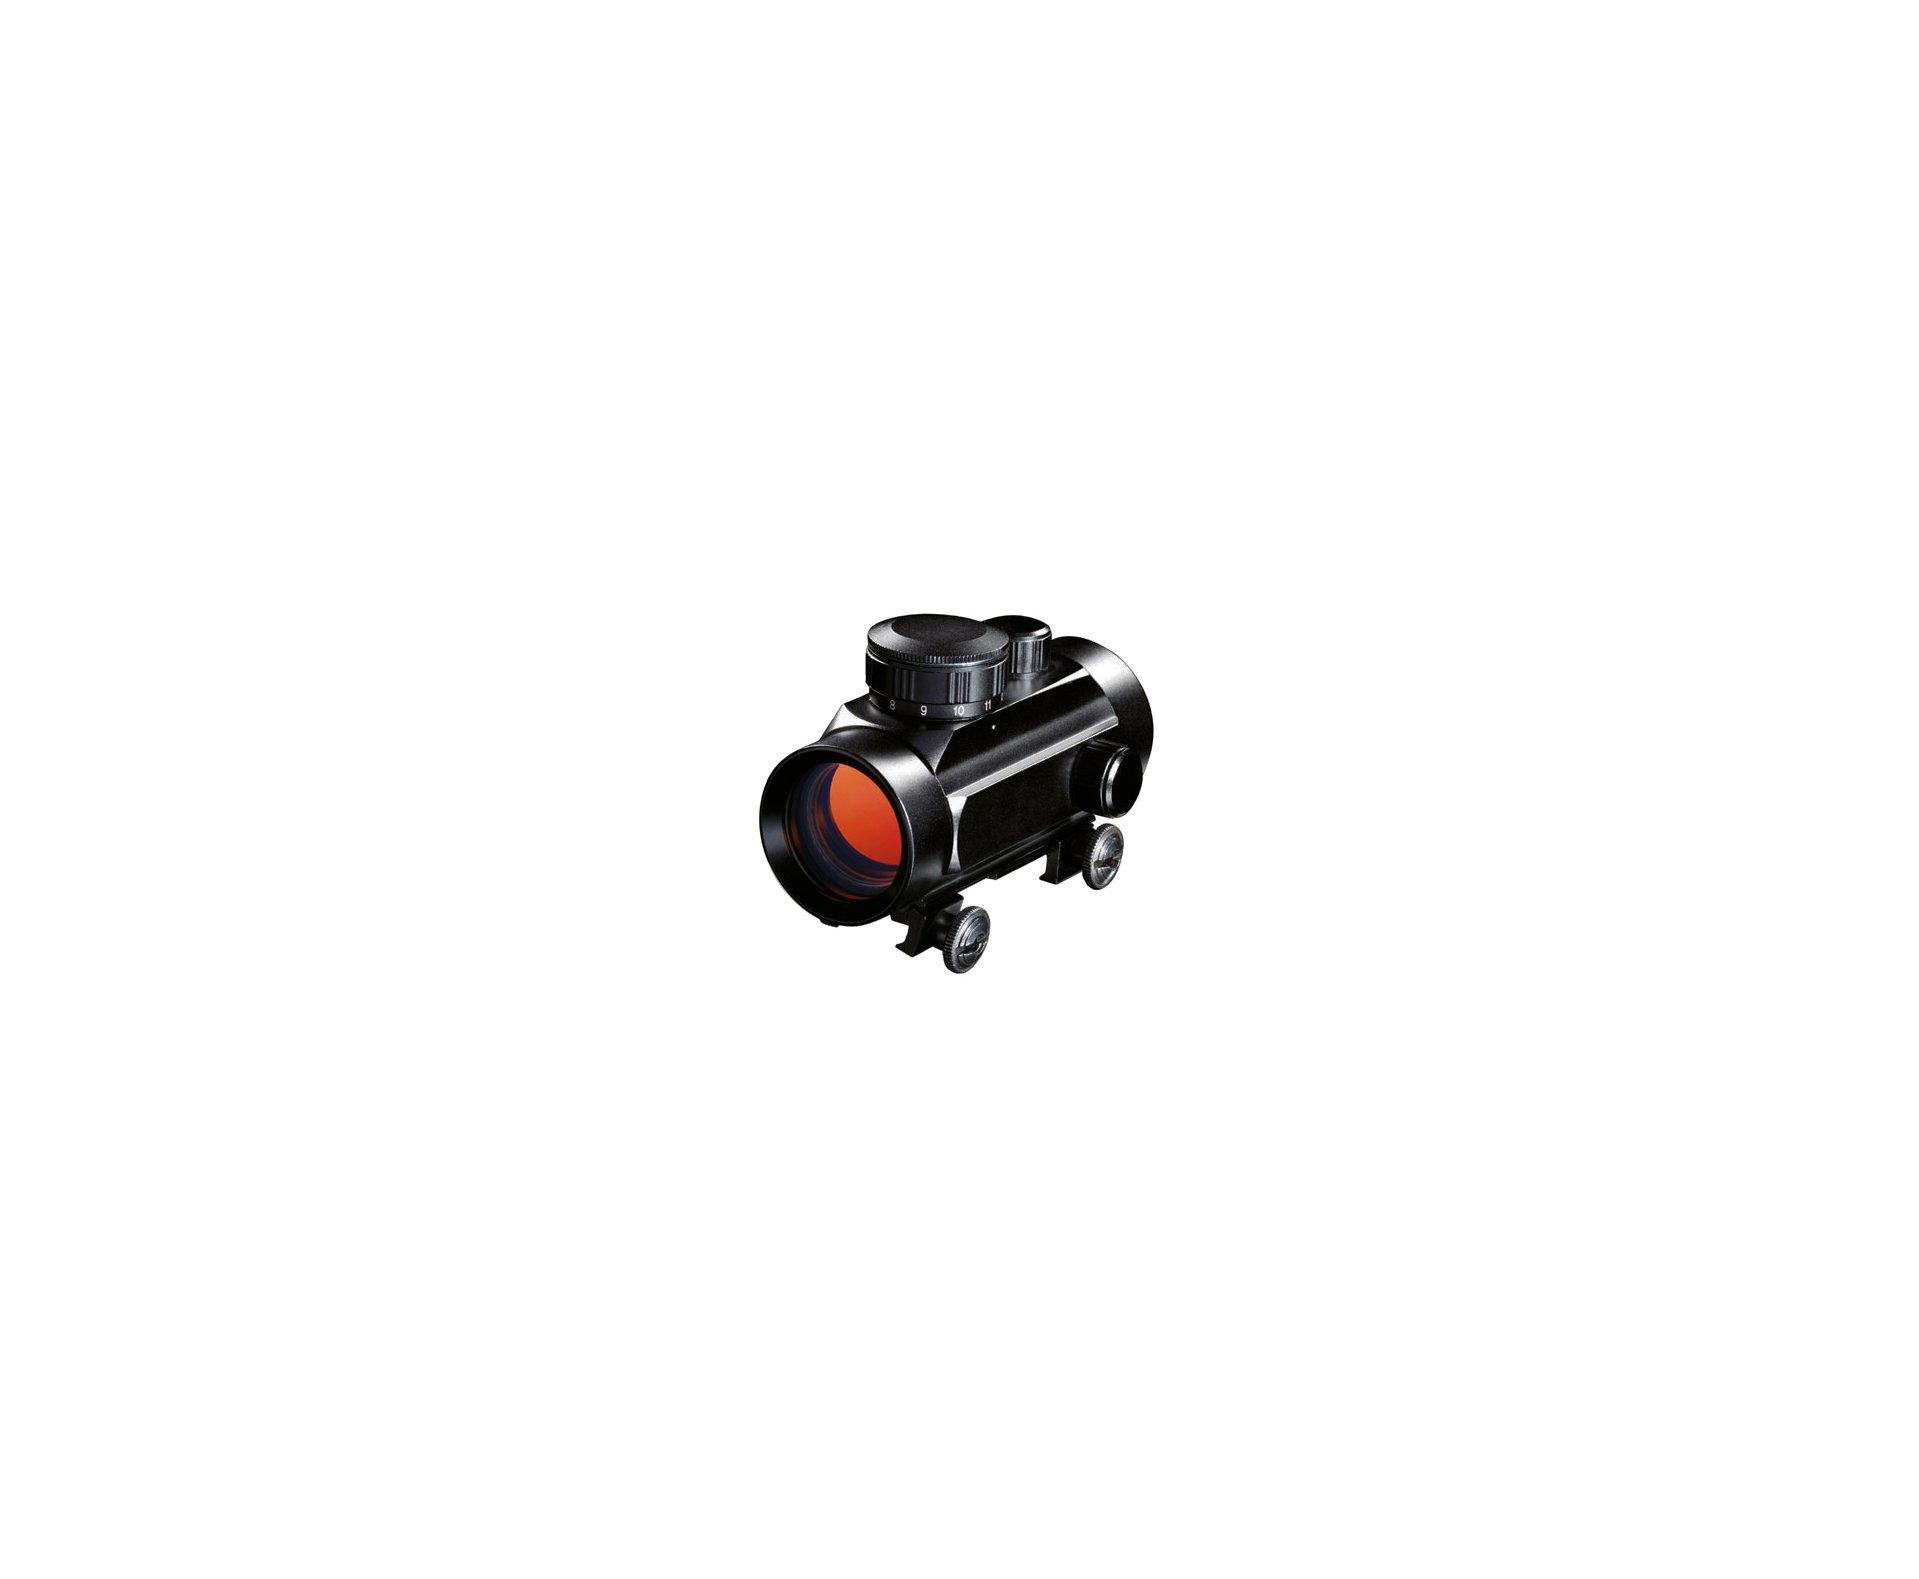 """Carabina De Pressão Cbc B19-x 4,5 Mm + Red Dot 1x30 Cbc + Capa 45"""""""